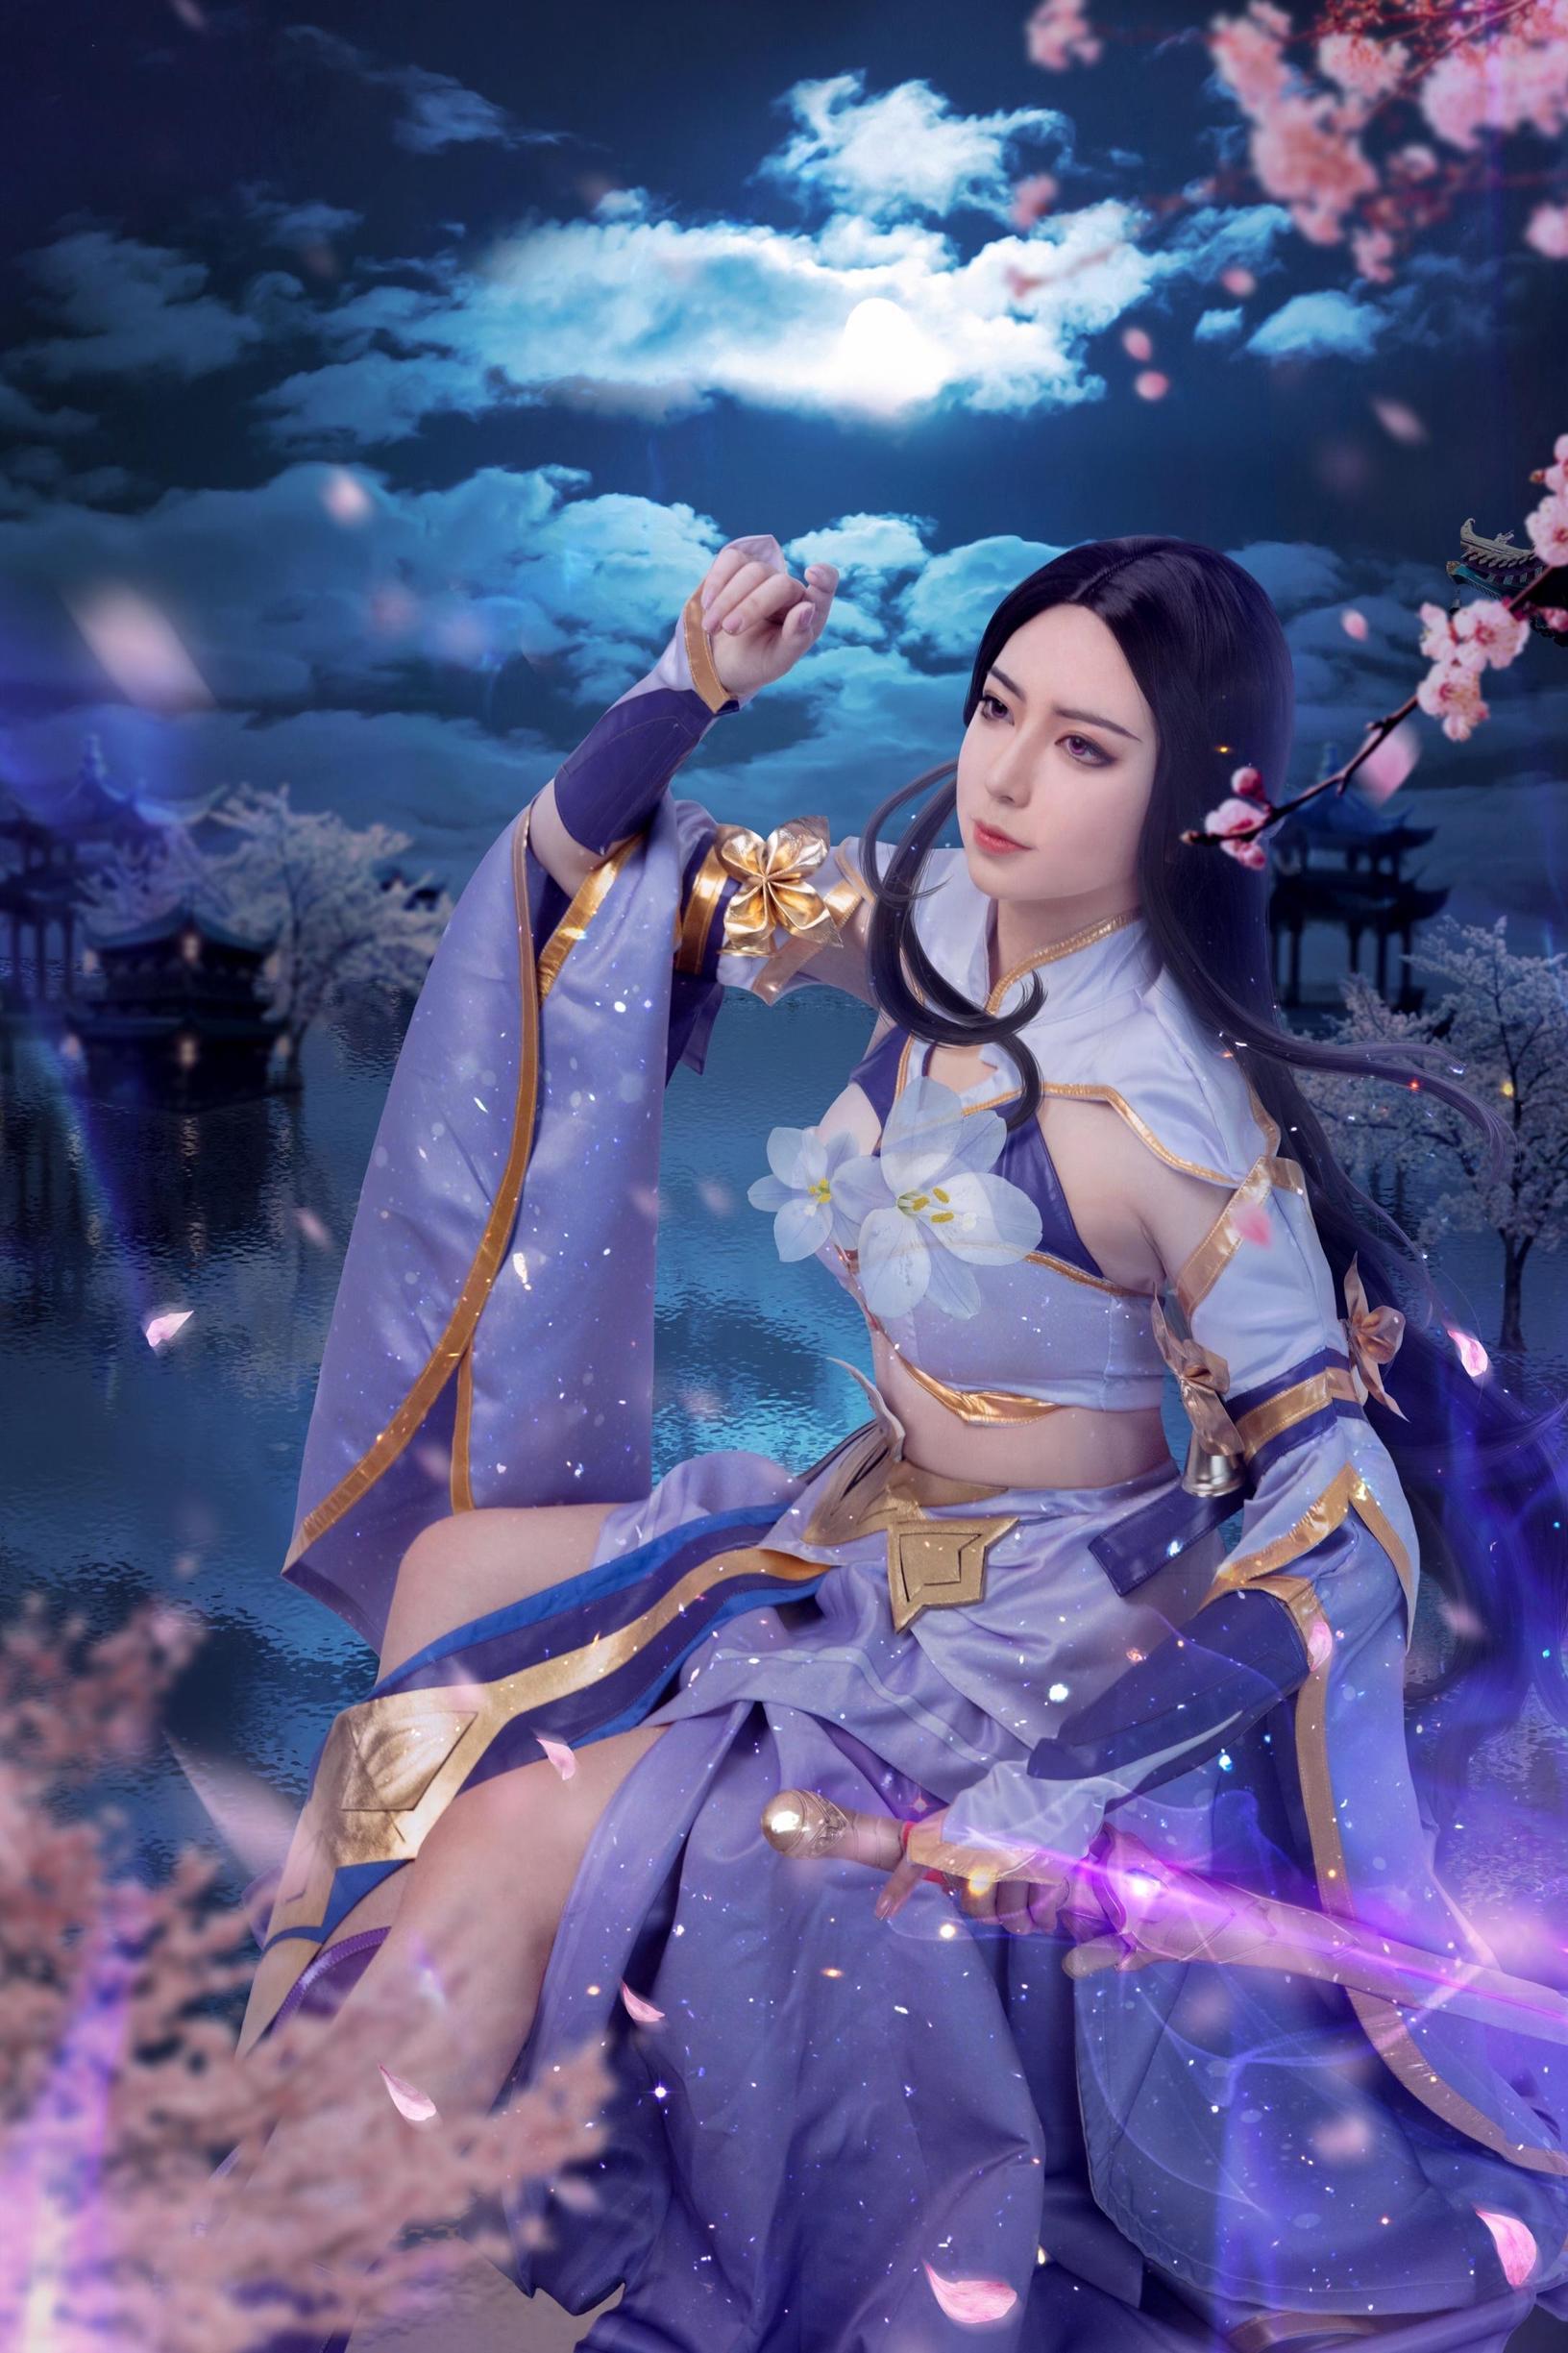 《王者荣耀》露娜紫霞仙子cosplay【CN:-幕秋秋-】-第4张